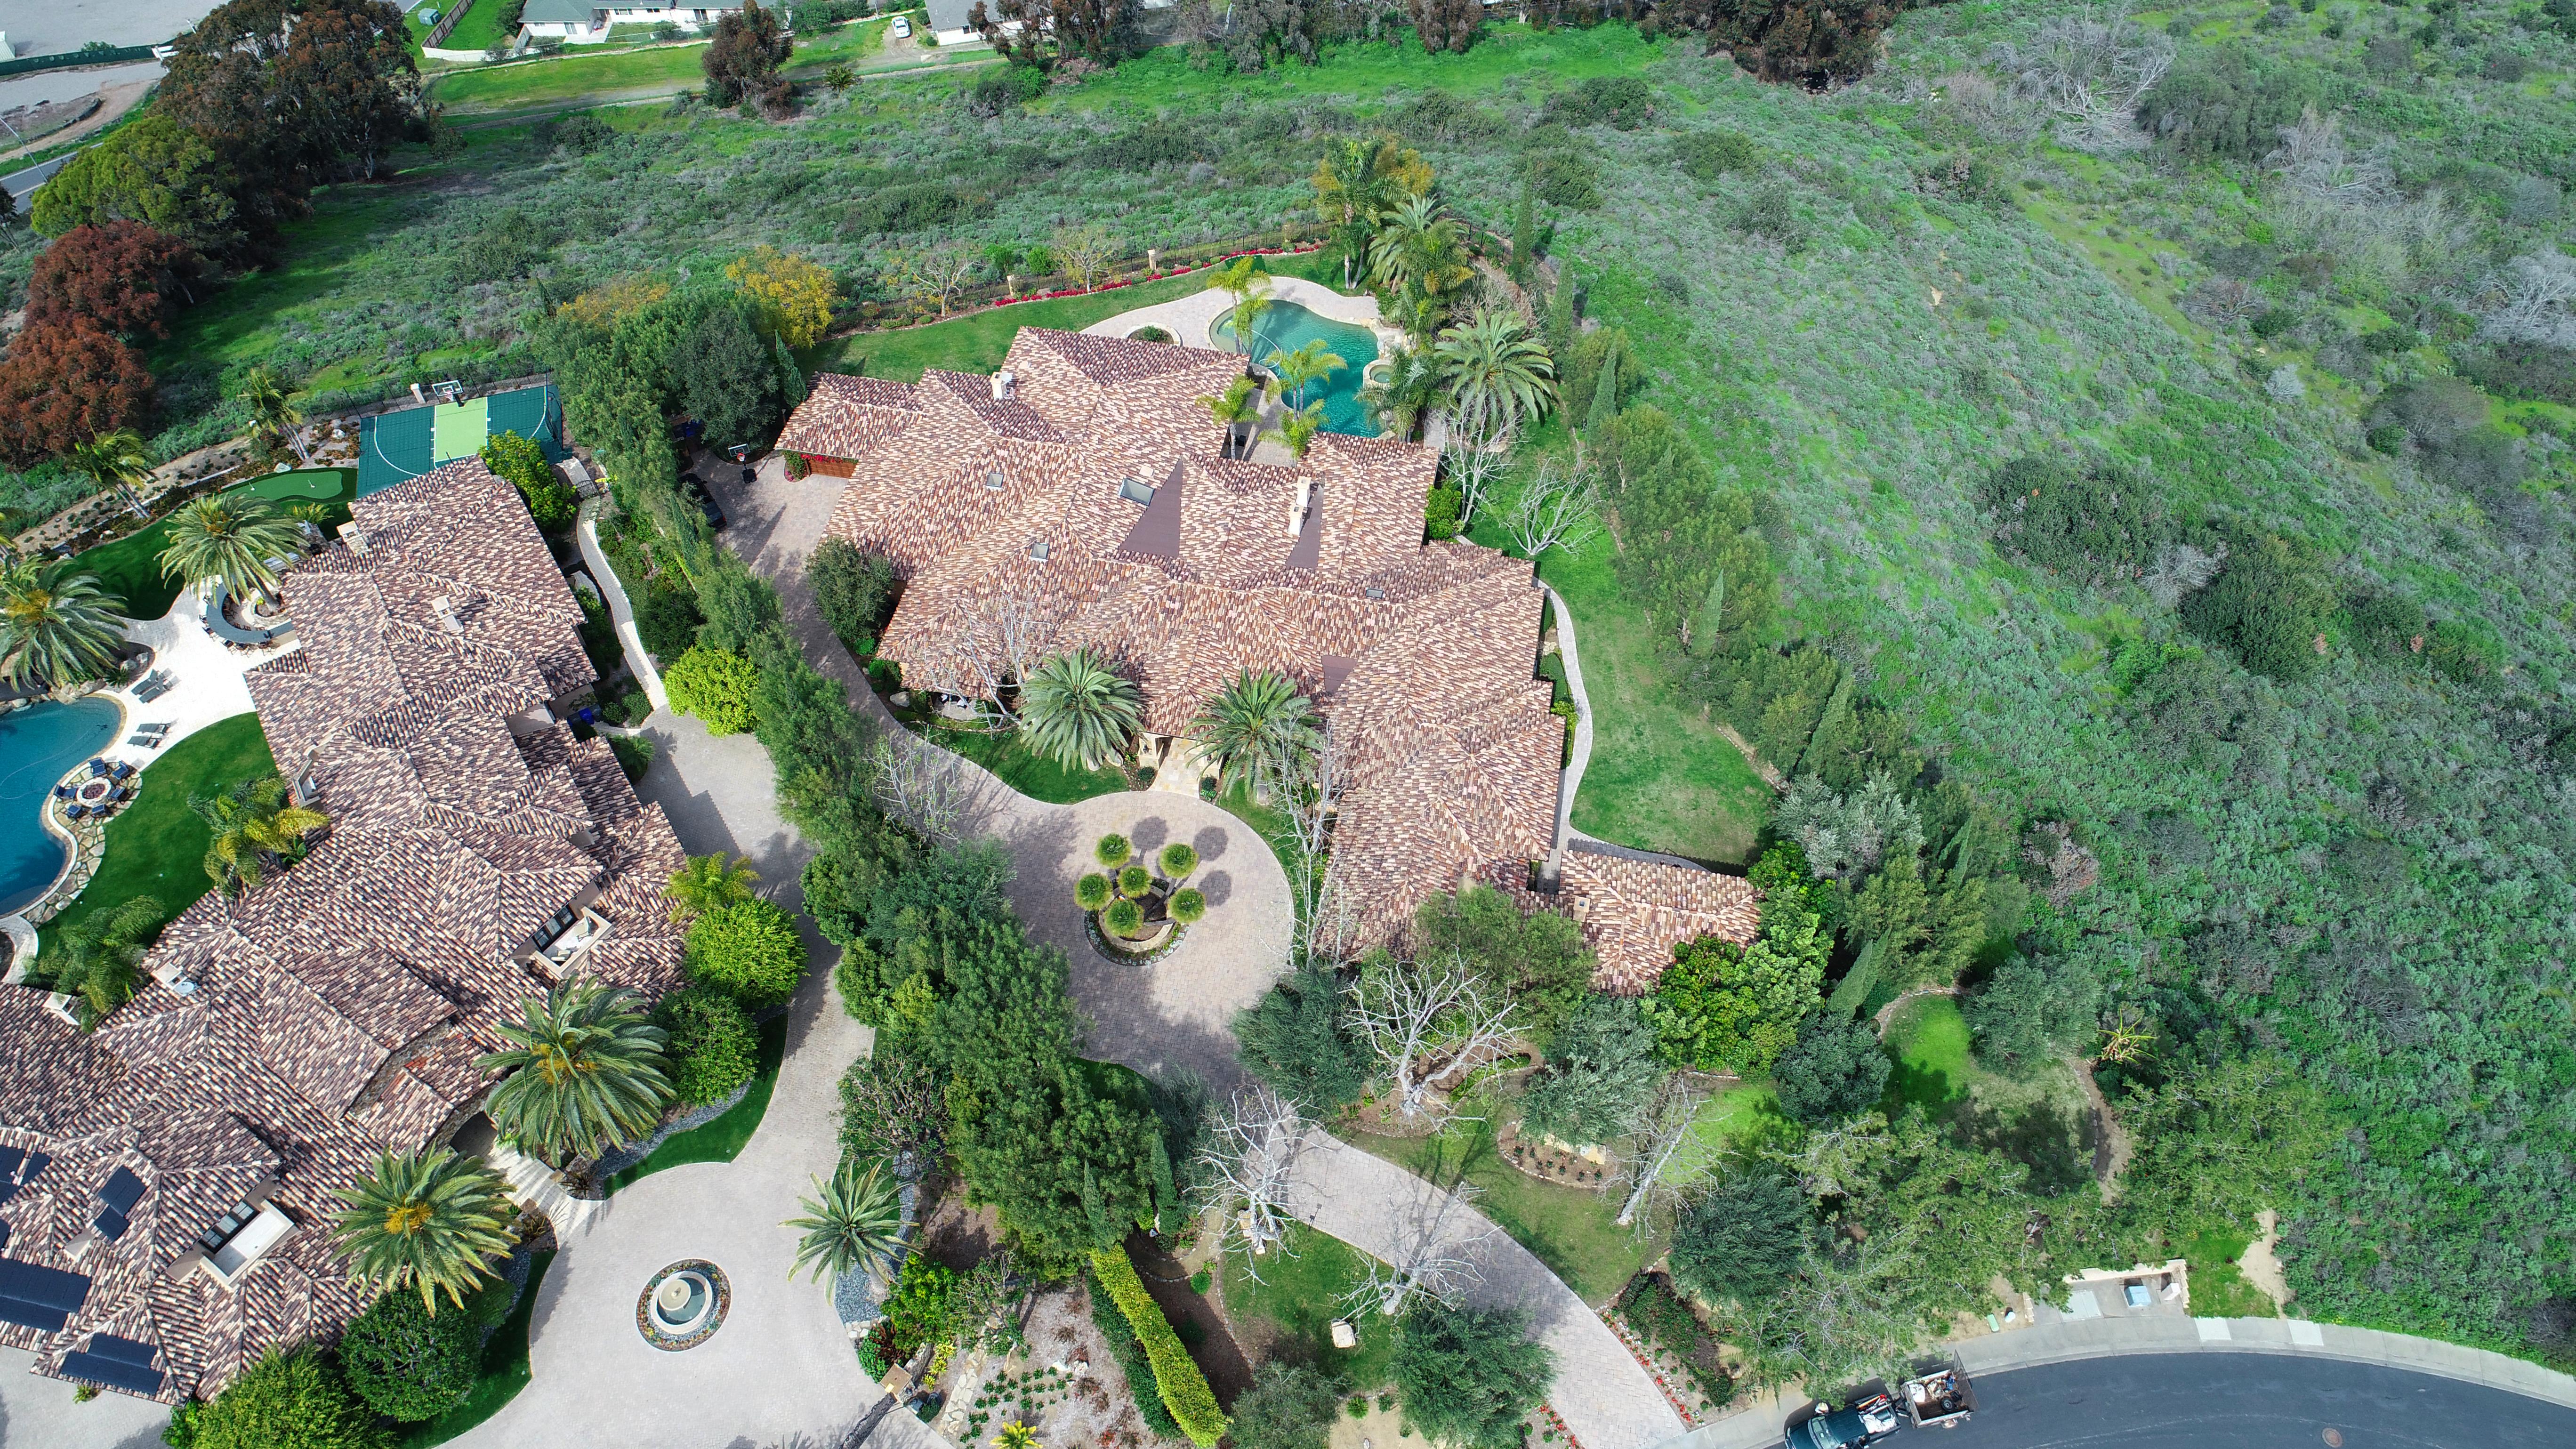 4130-rancho-las-brisas-aerial-large-7